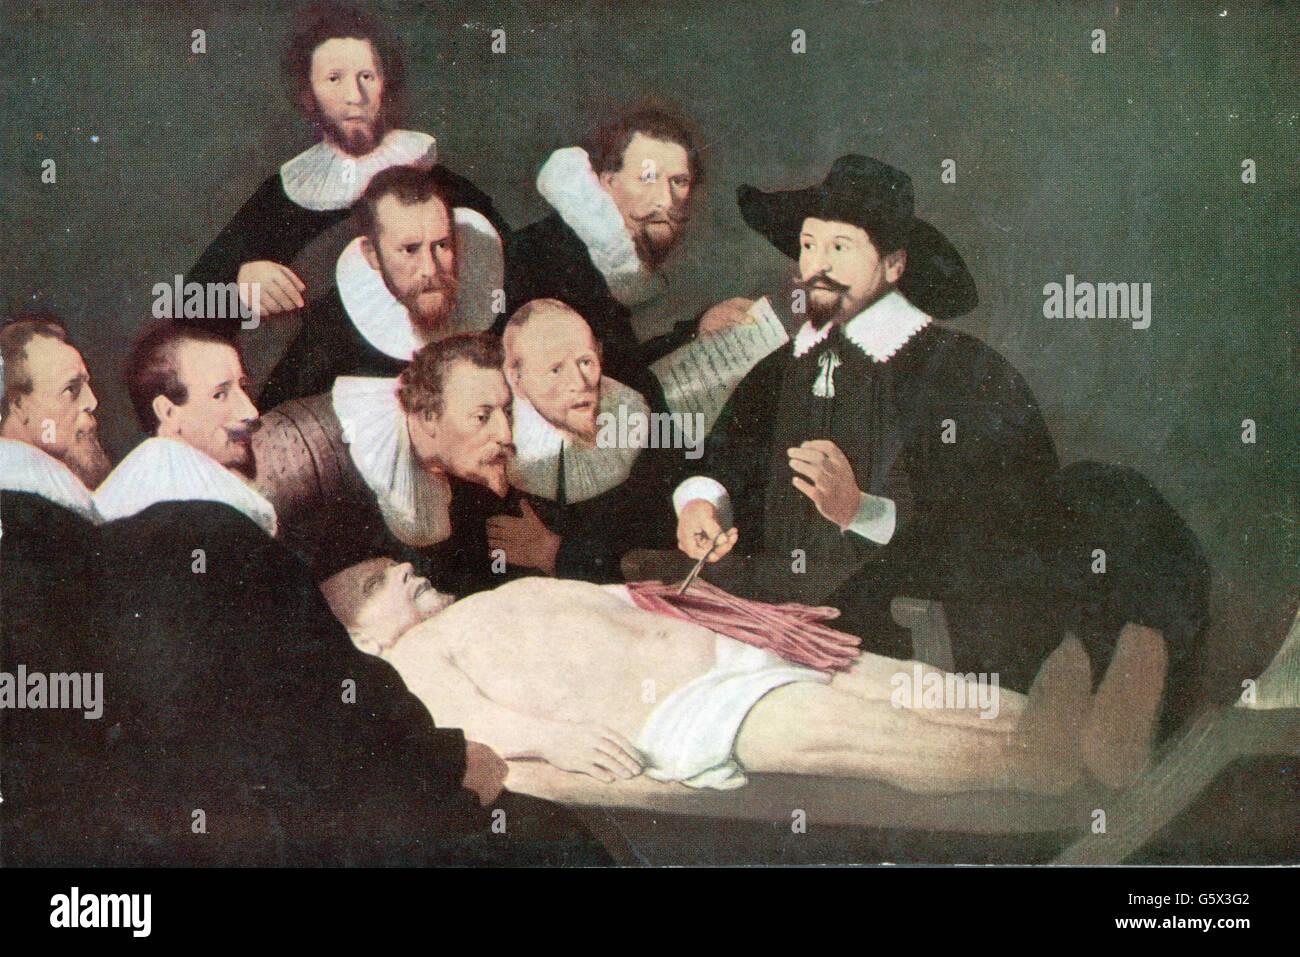 Bellas artes, Rembrandt van Rijn (1606 - 1669), \